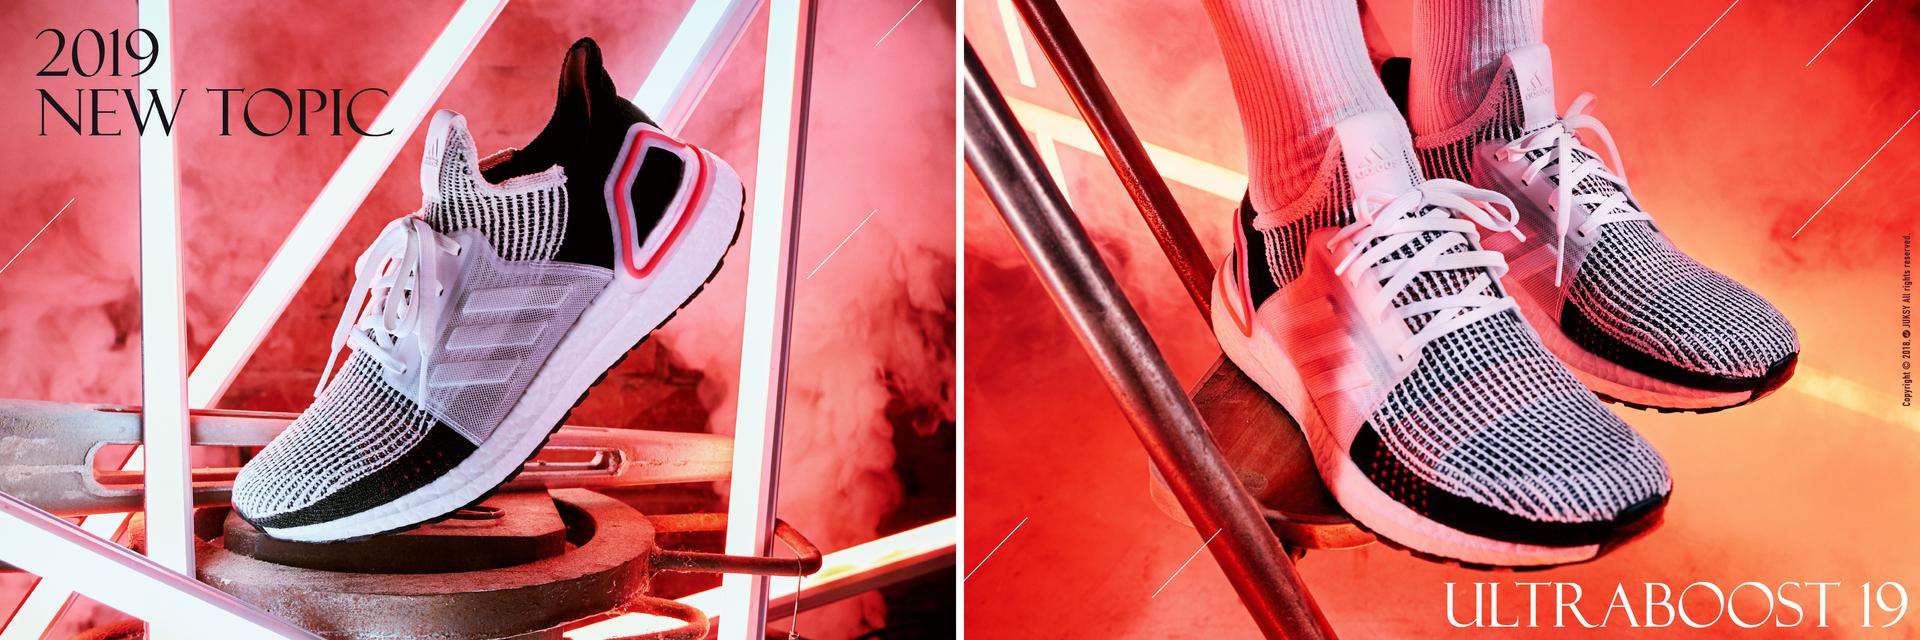 潮勢力 鞋款傾巢而出,這雙必關注!  超狂新成員 adidas UltraBOOST 19 報到